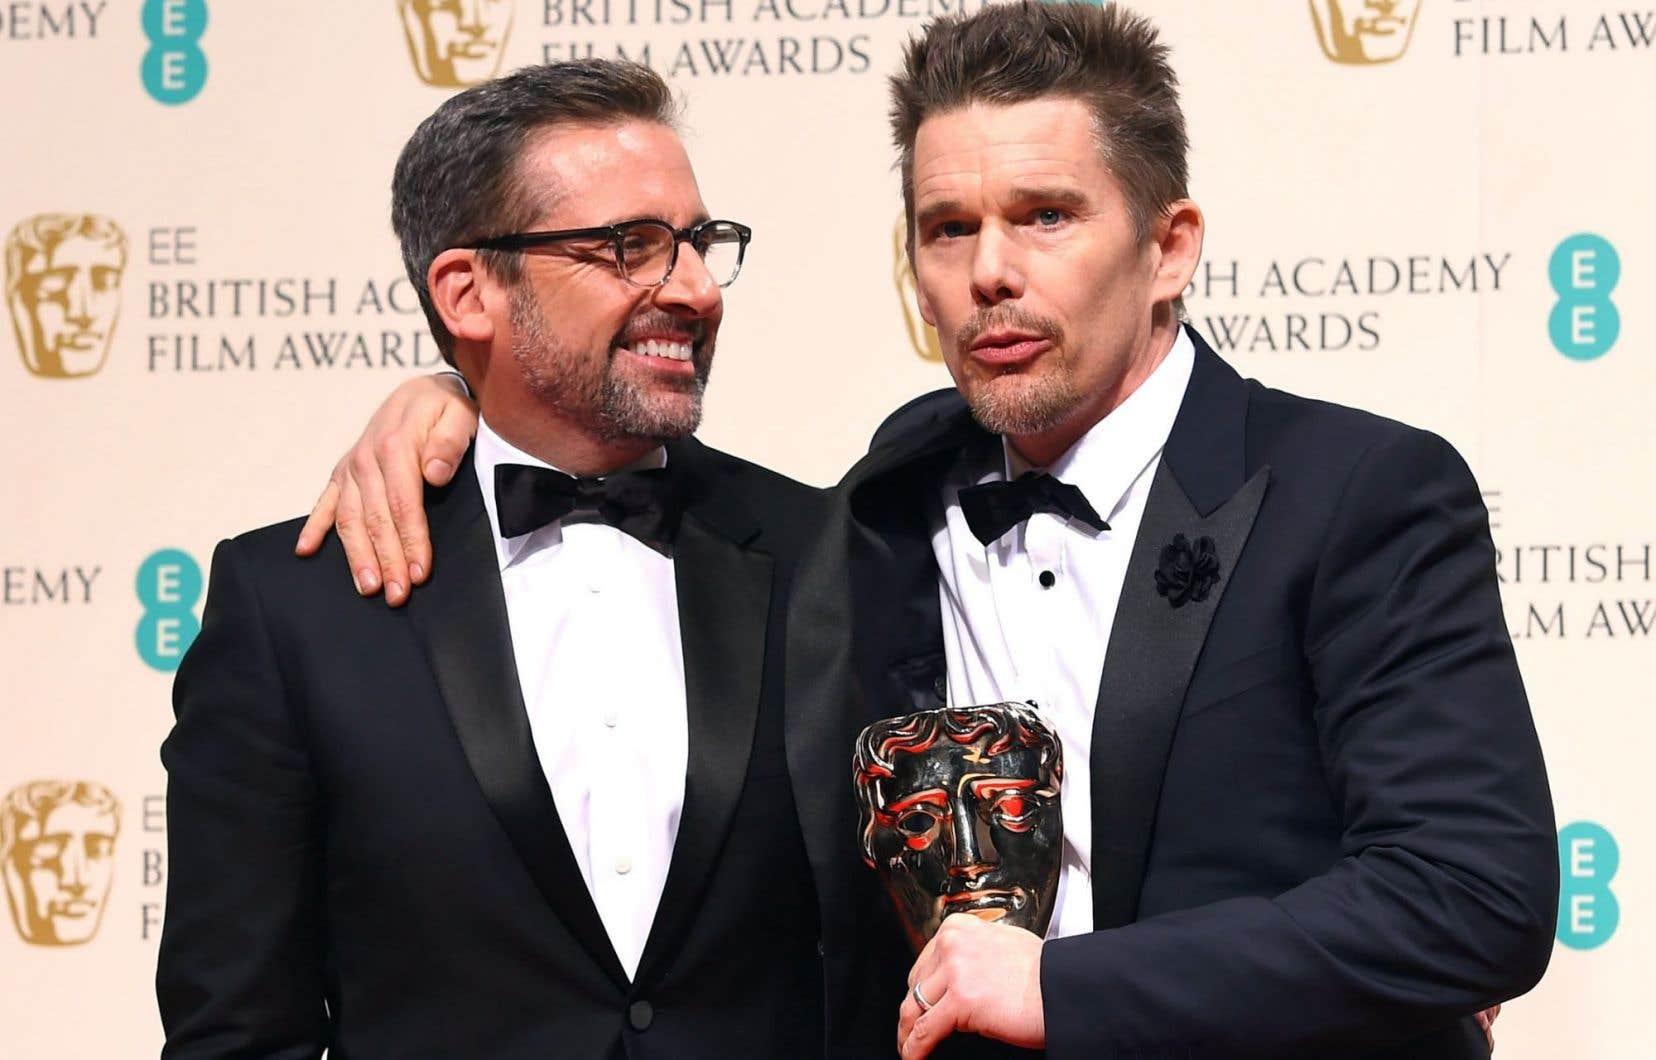 L'acteur Ethan Hawke (à droite), qui a joué dans le film Boyhood, a récupéré le prix du meilleur réalisateur pour Richard Linklater. Il pose en compagnie du comédien Steve Carrell.